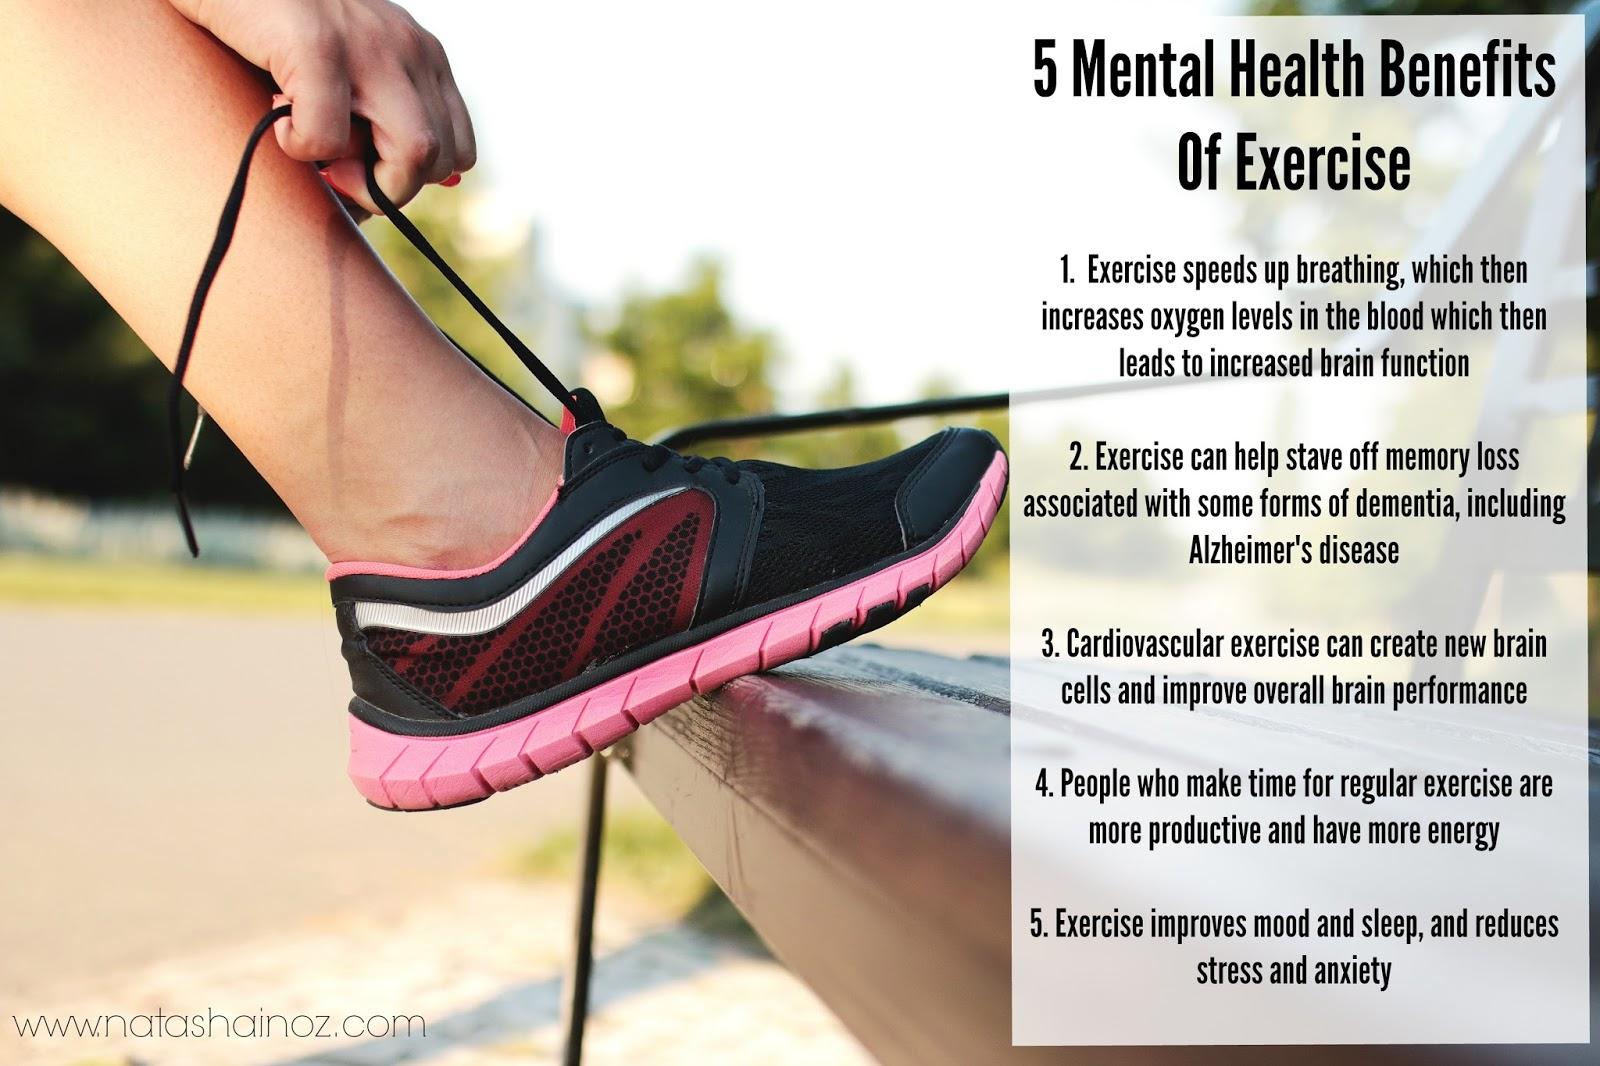 psychological benefits of exercise essays coursework academic psychological benefits of exercise essays